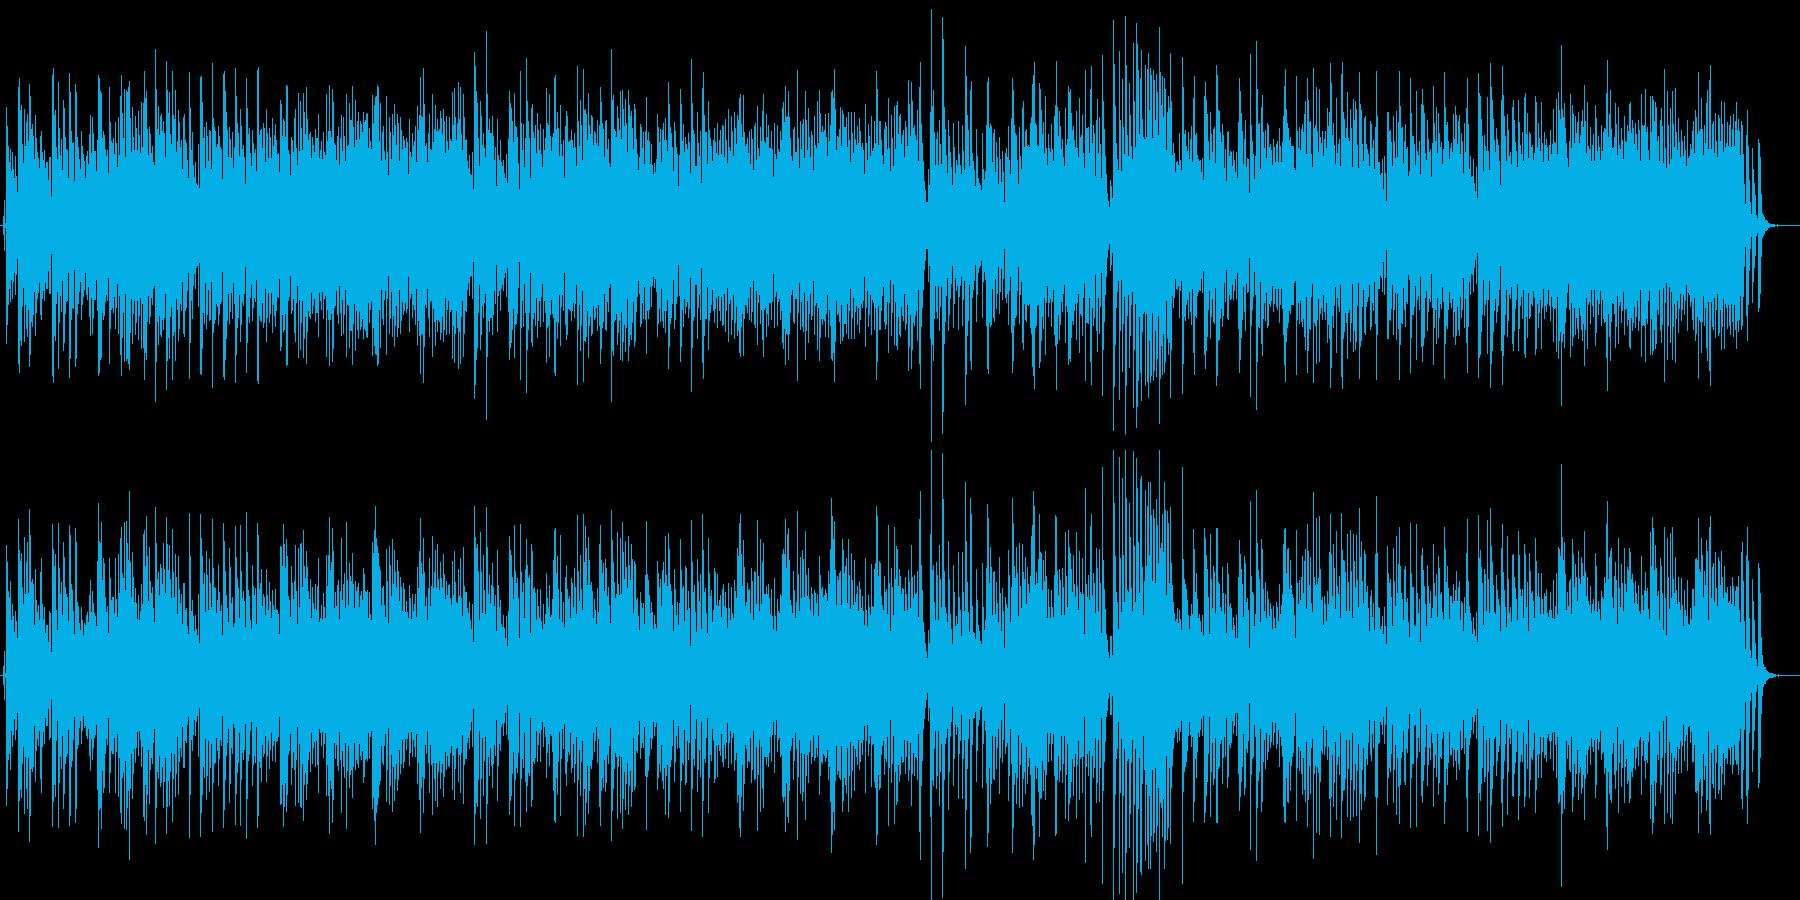 お正月 和風 JAZZピアノトリオ 冬の再生済みの波形